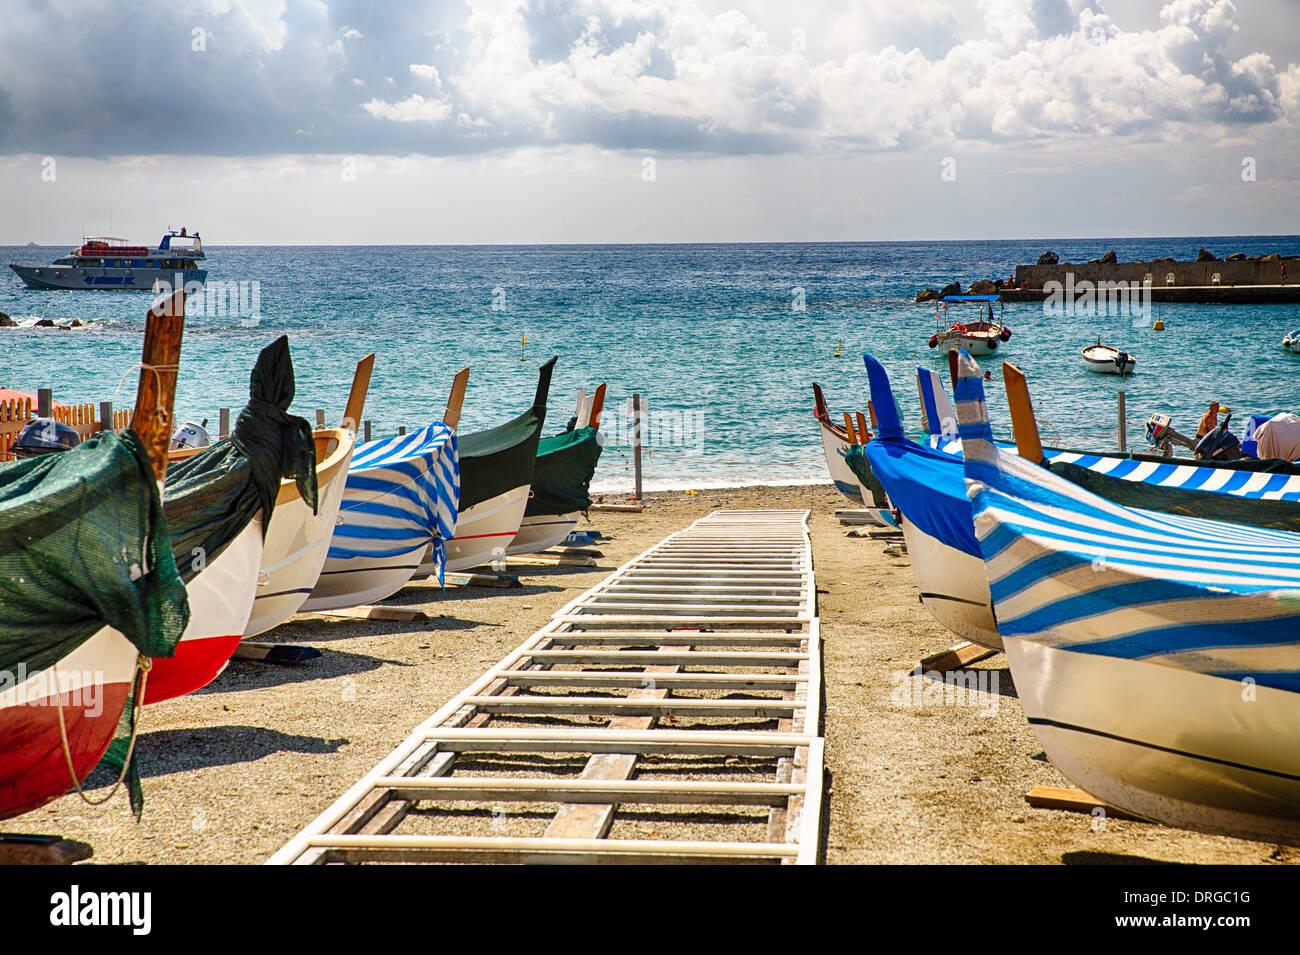 Fila di barche tradizionali sulla riva, Monterosso Al Mare, Cinque Terre Liguria, Italia Immagini Stock